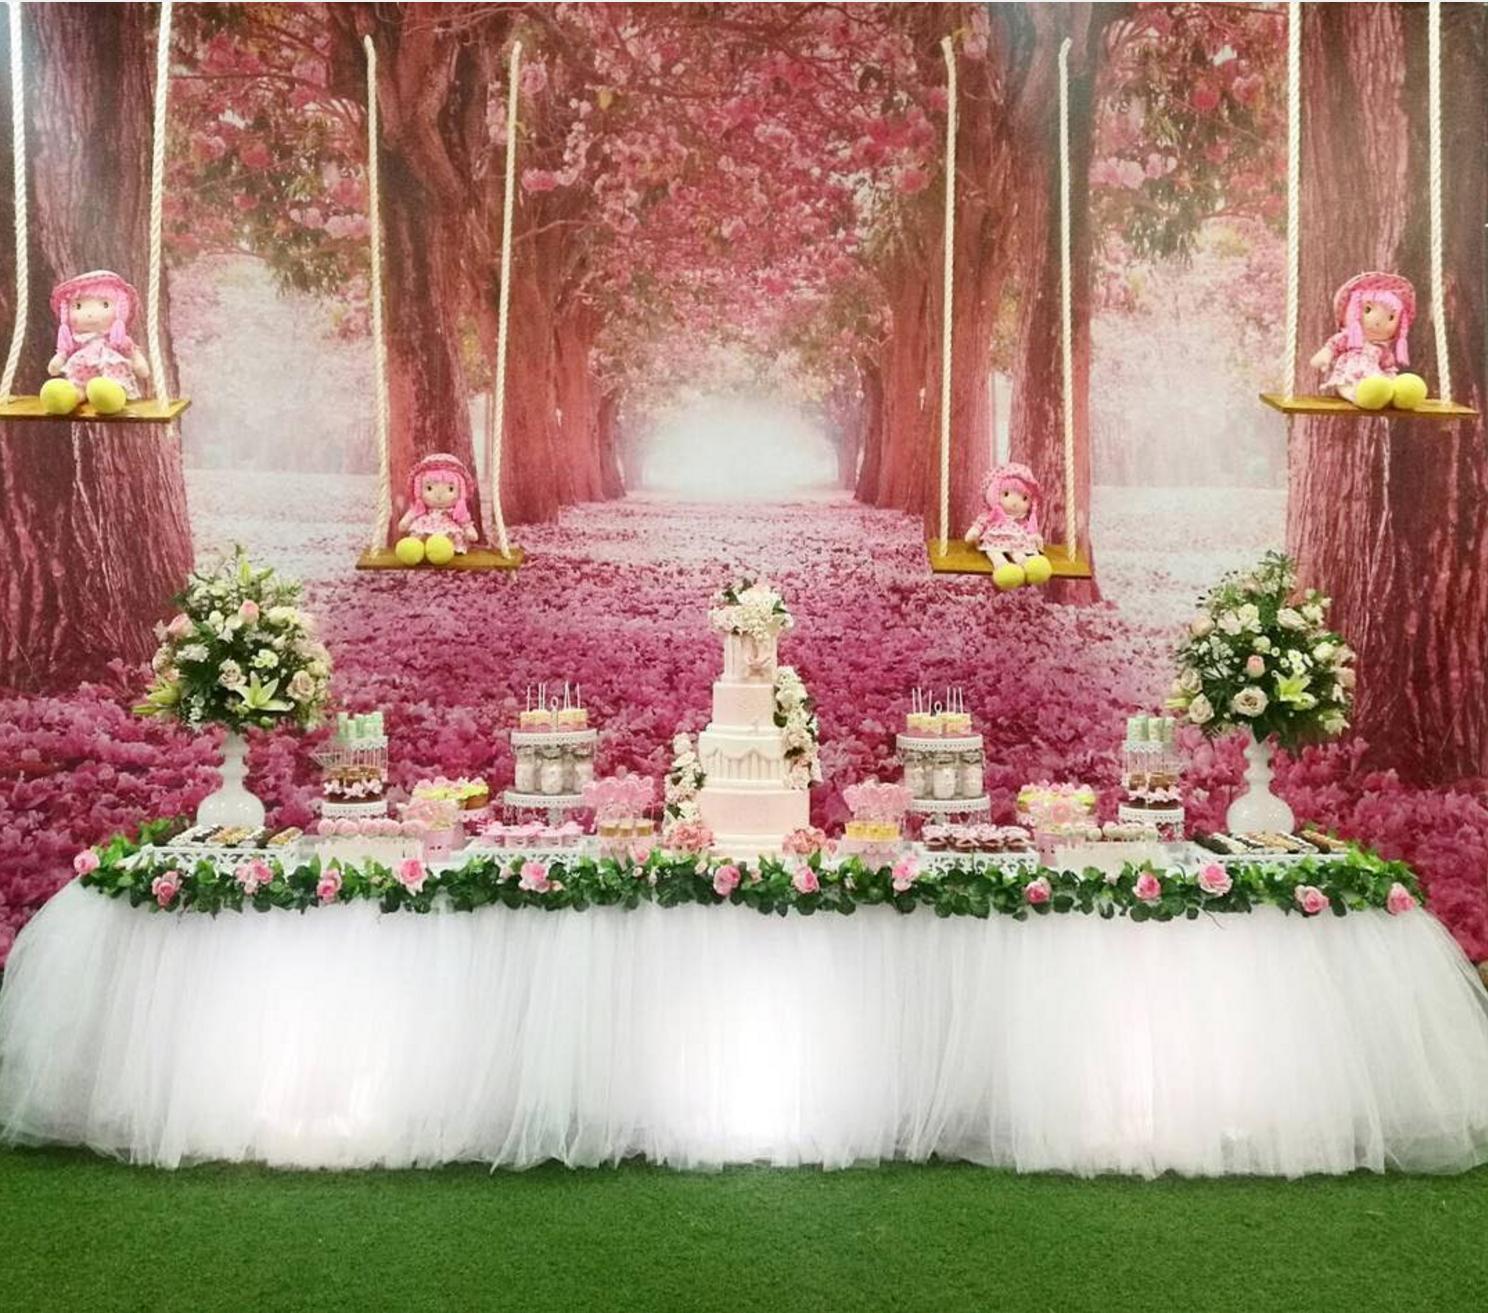 101 fiestas linda fiesta con el tema jard n for Detalles para decorar jardines